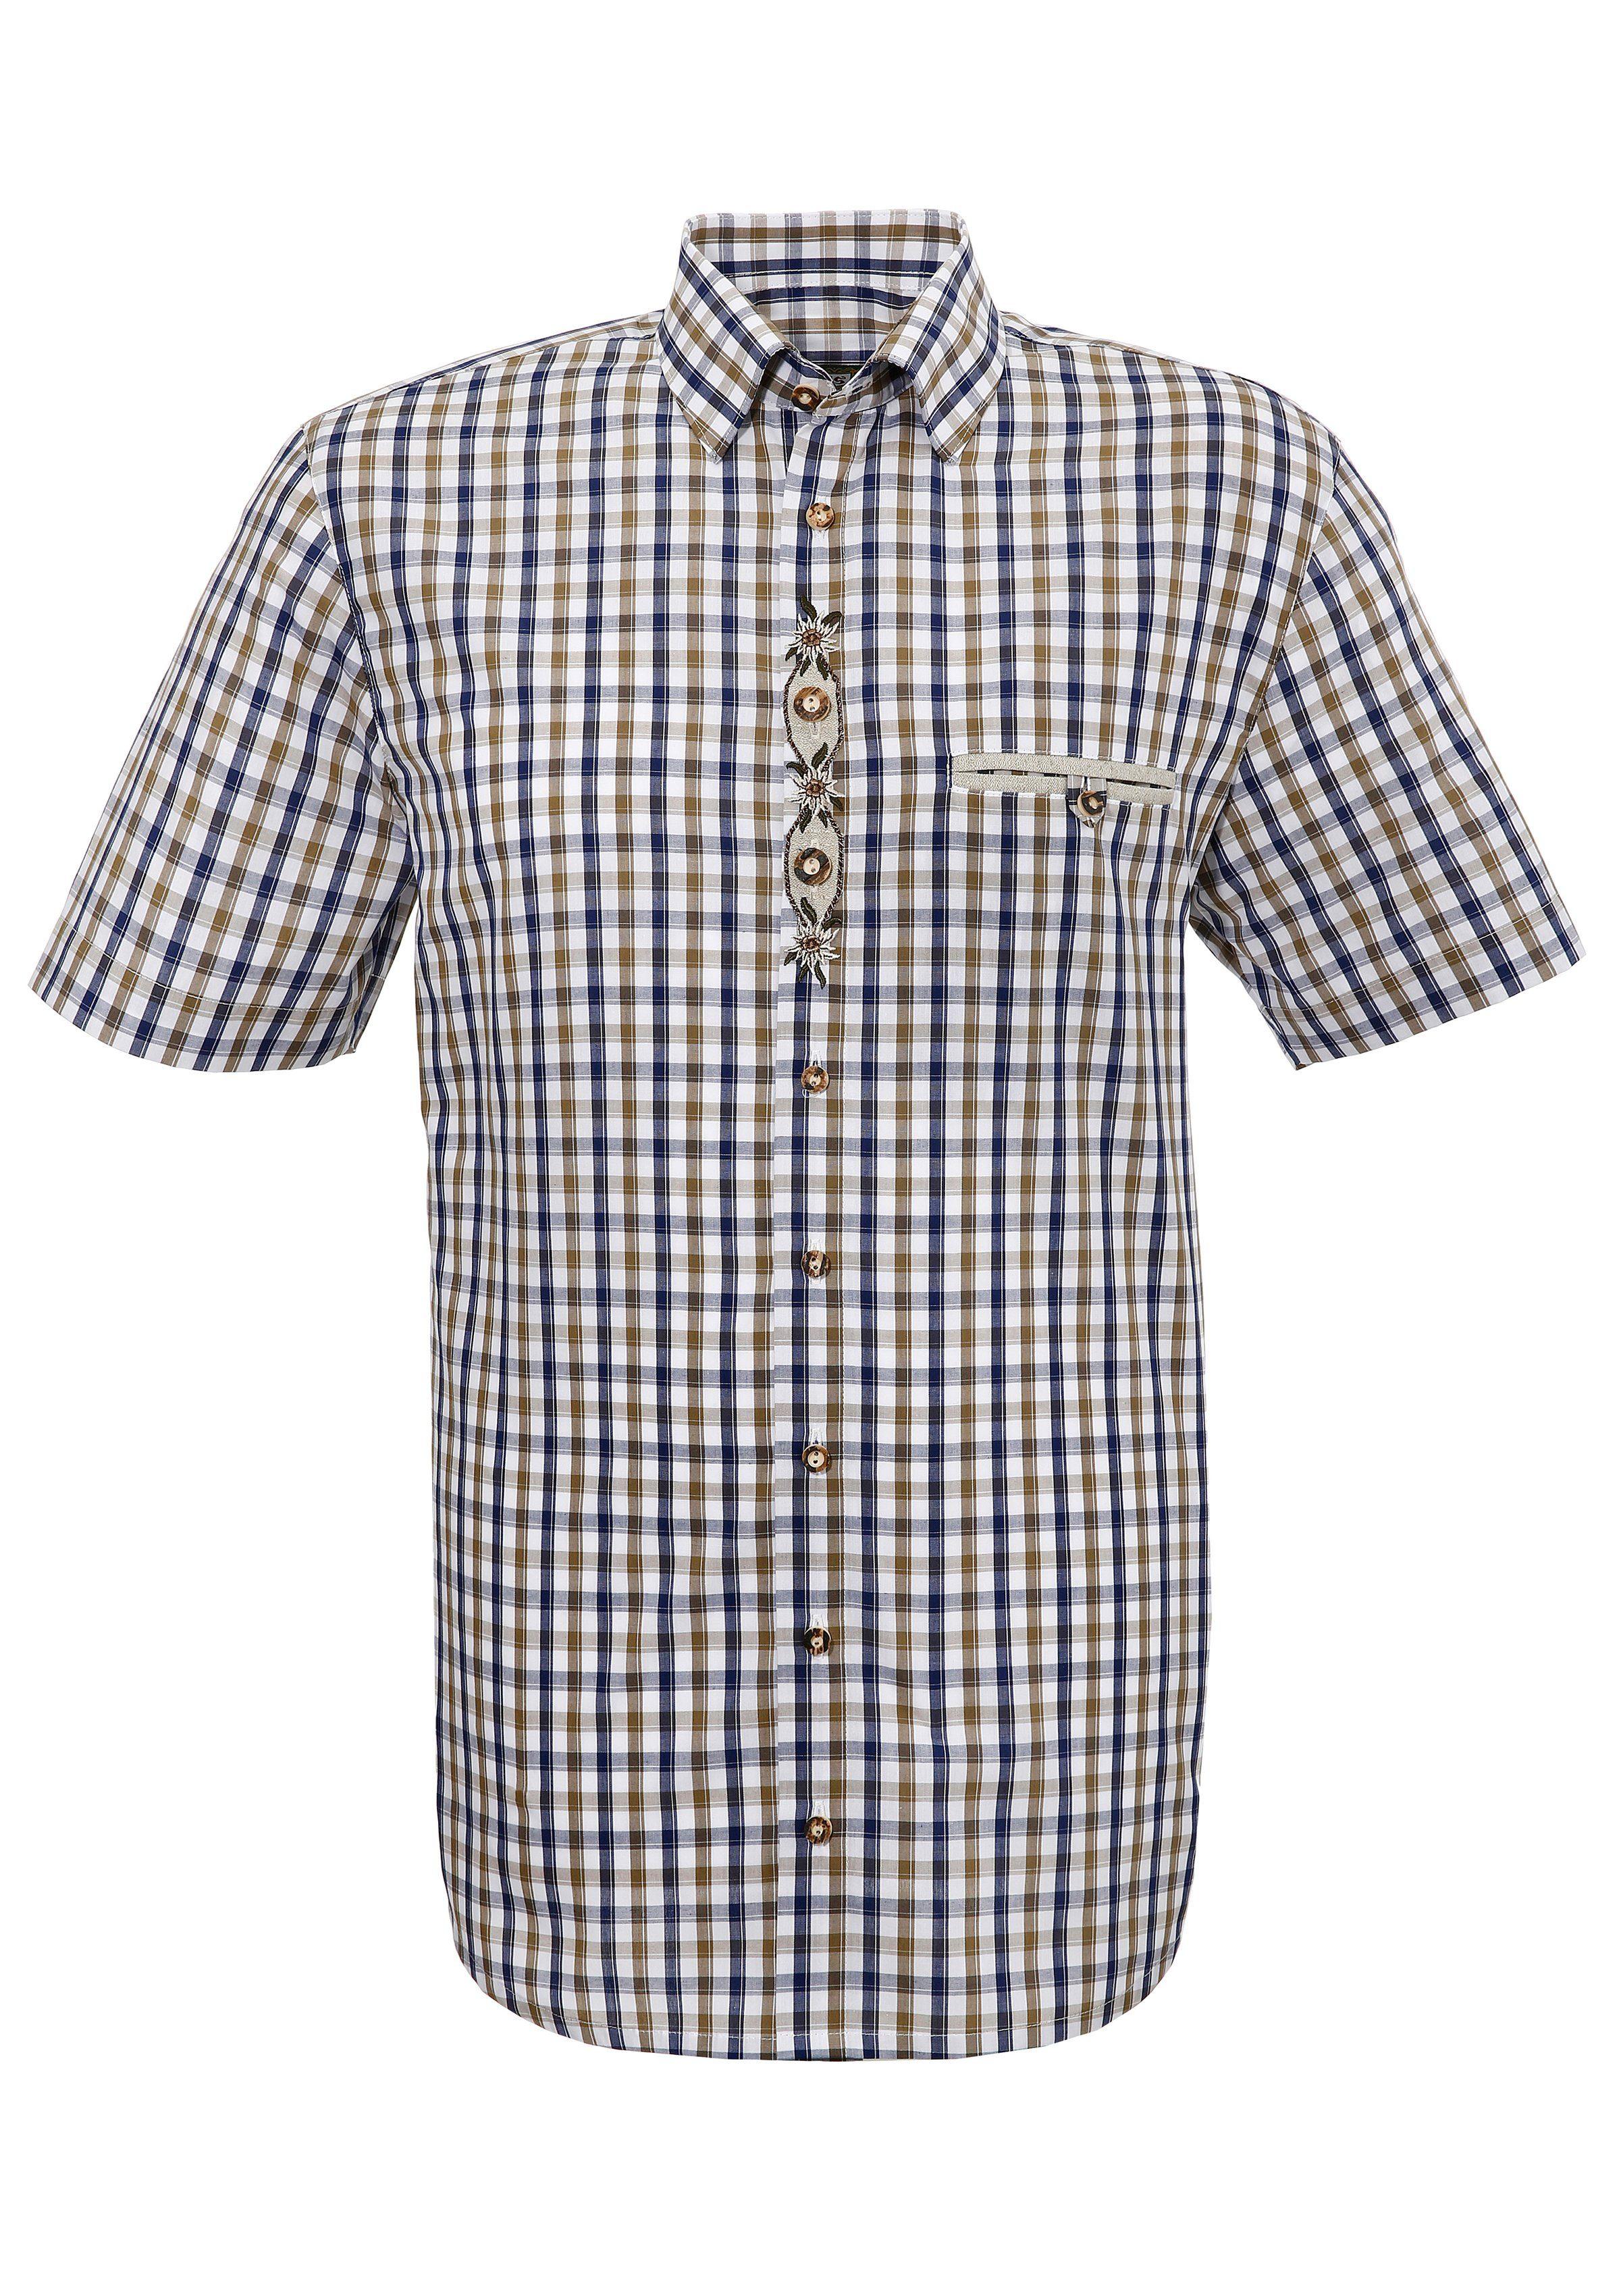 OS-Trachten Trachtenhemd mit Stickerei | Bekleidung > Hemden > Trachtenhemden | Blau | Os-Trachten